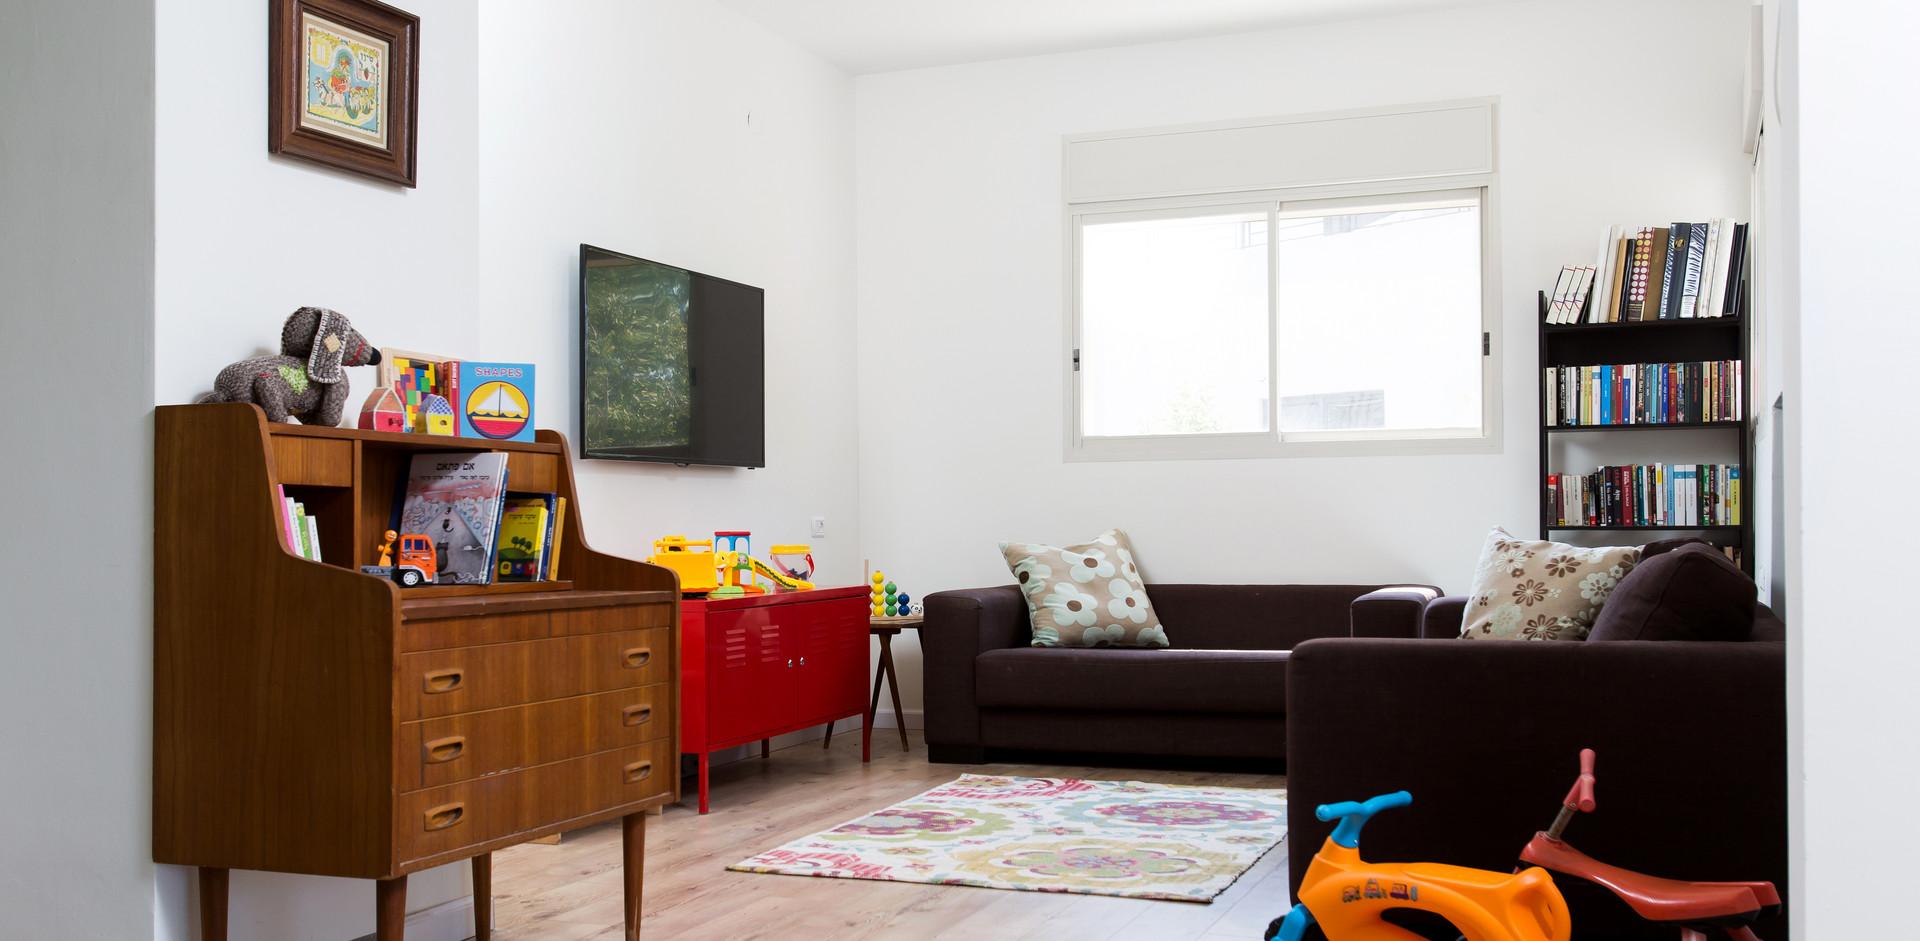 חדר המשפחה. בעתיד יהפוך לחדר ילדים נוסף